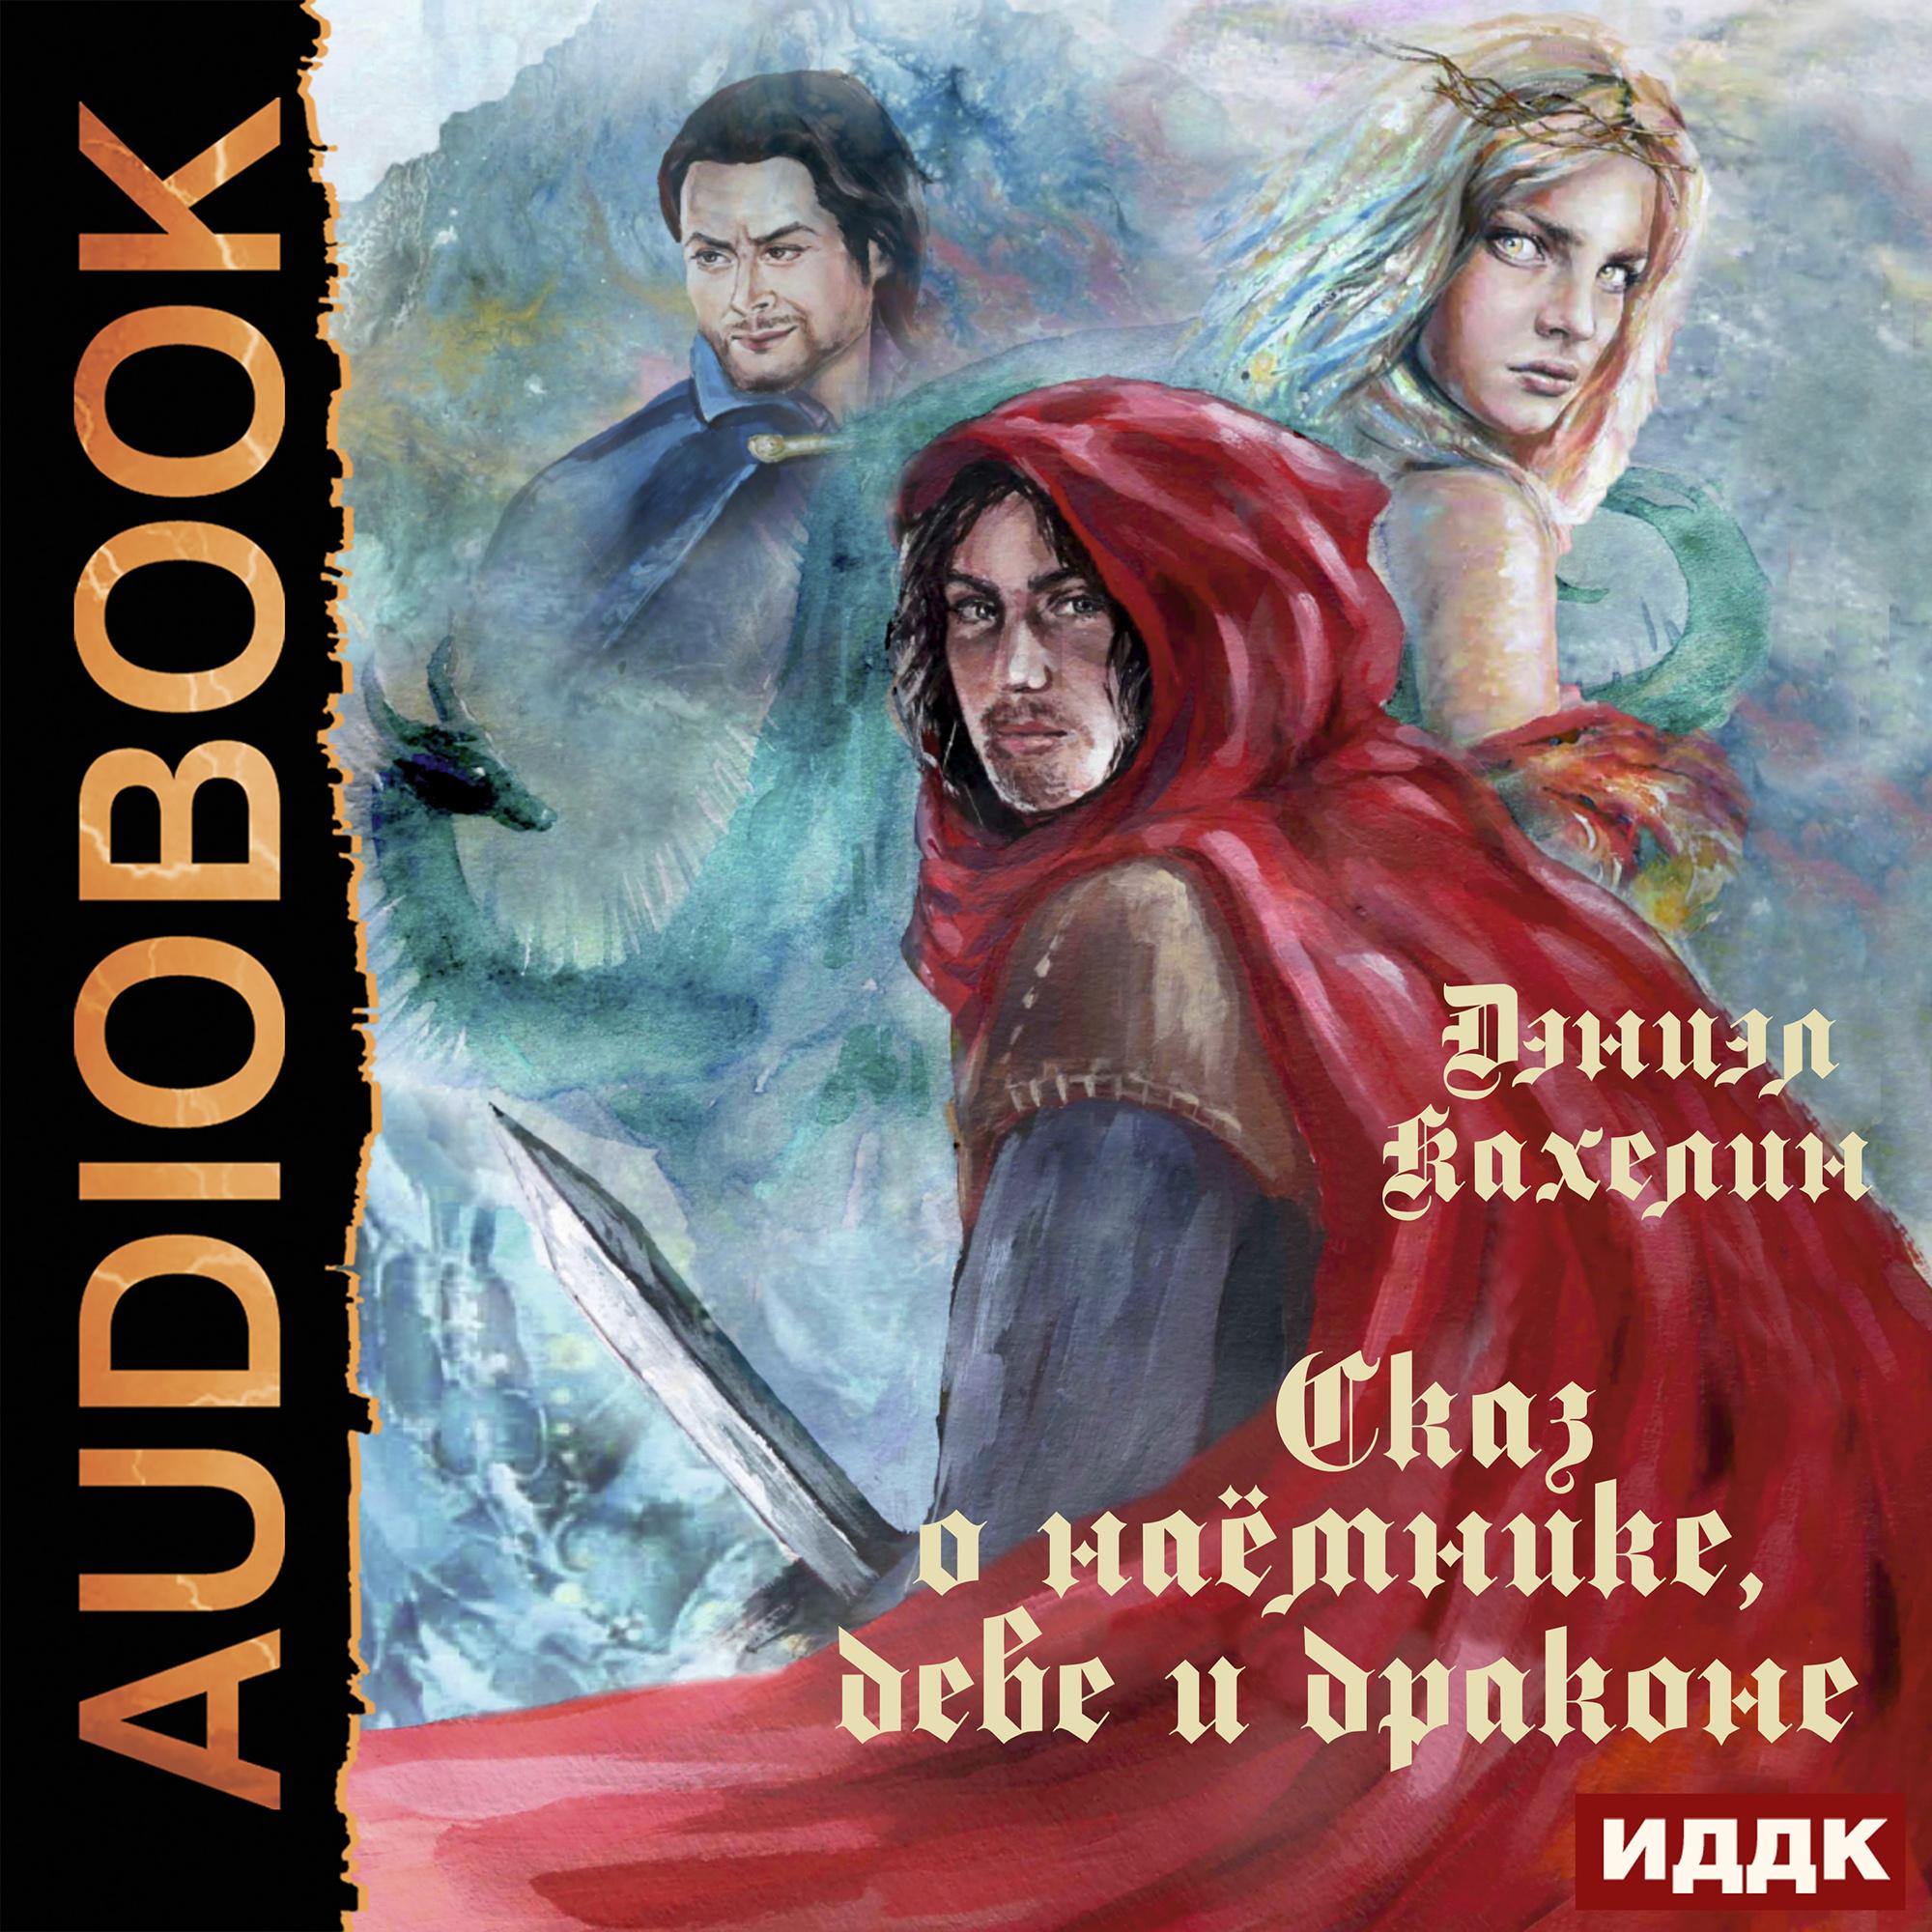 Сказ о наёмнике, деве и драконе (цифровая версия) (Цифровая версия) фото